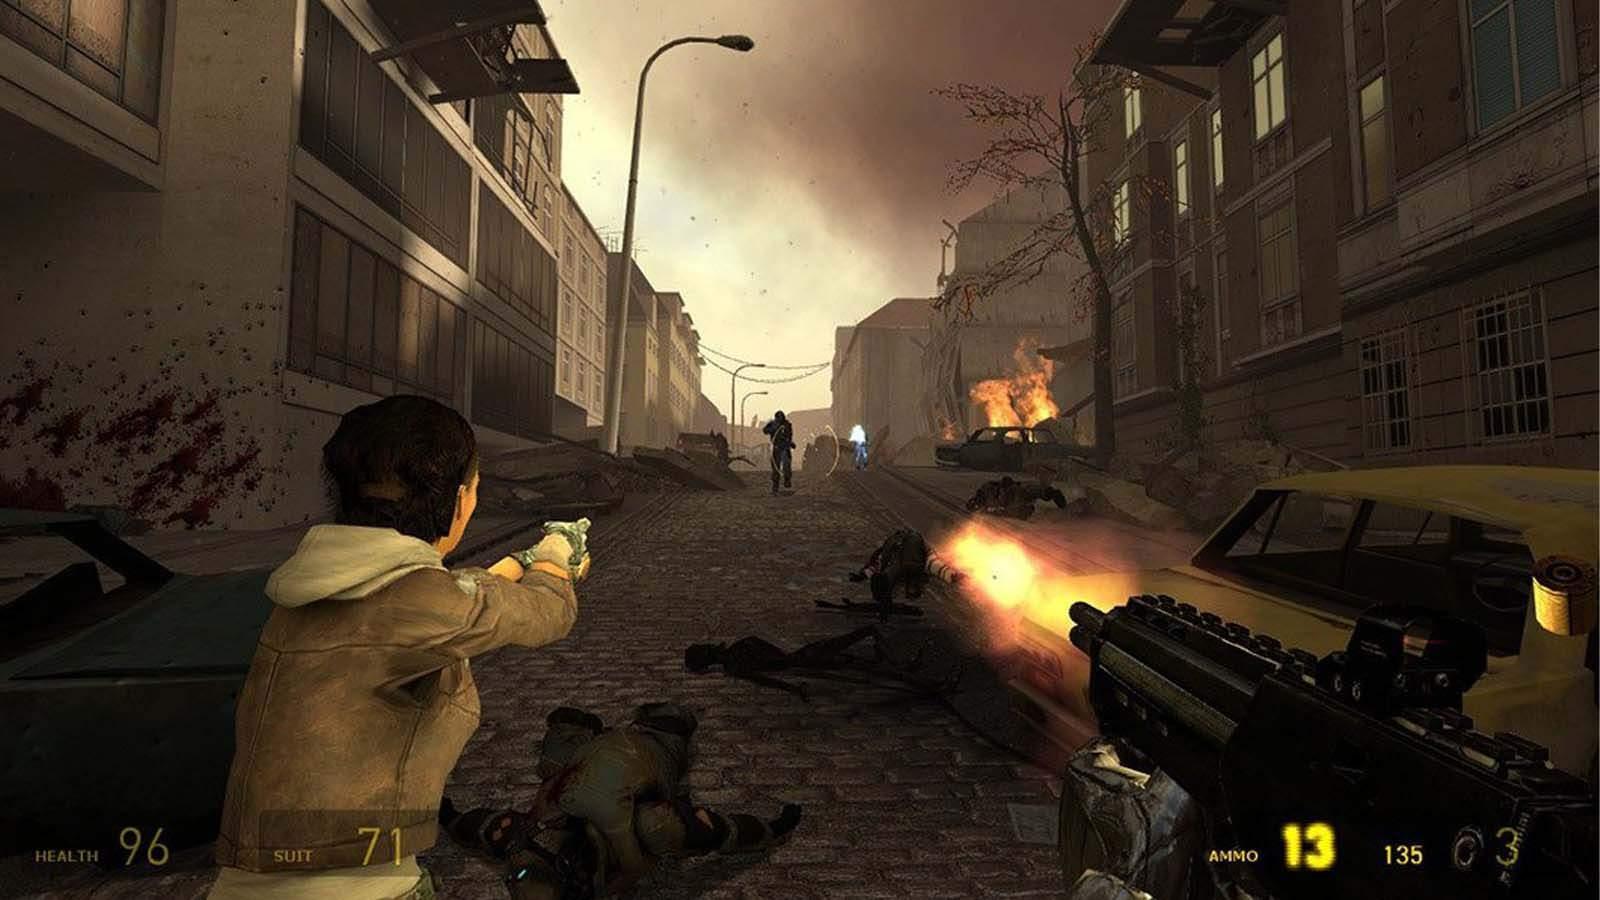 تحميل لعبة Half Life 2 Episode 1 مضغوطة برابط واحد مباشر + تورنت كاملة مجانا